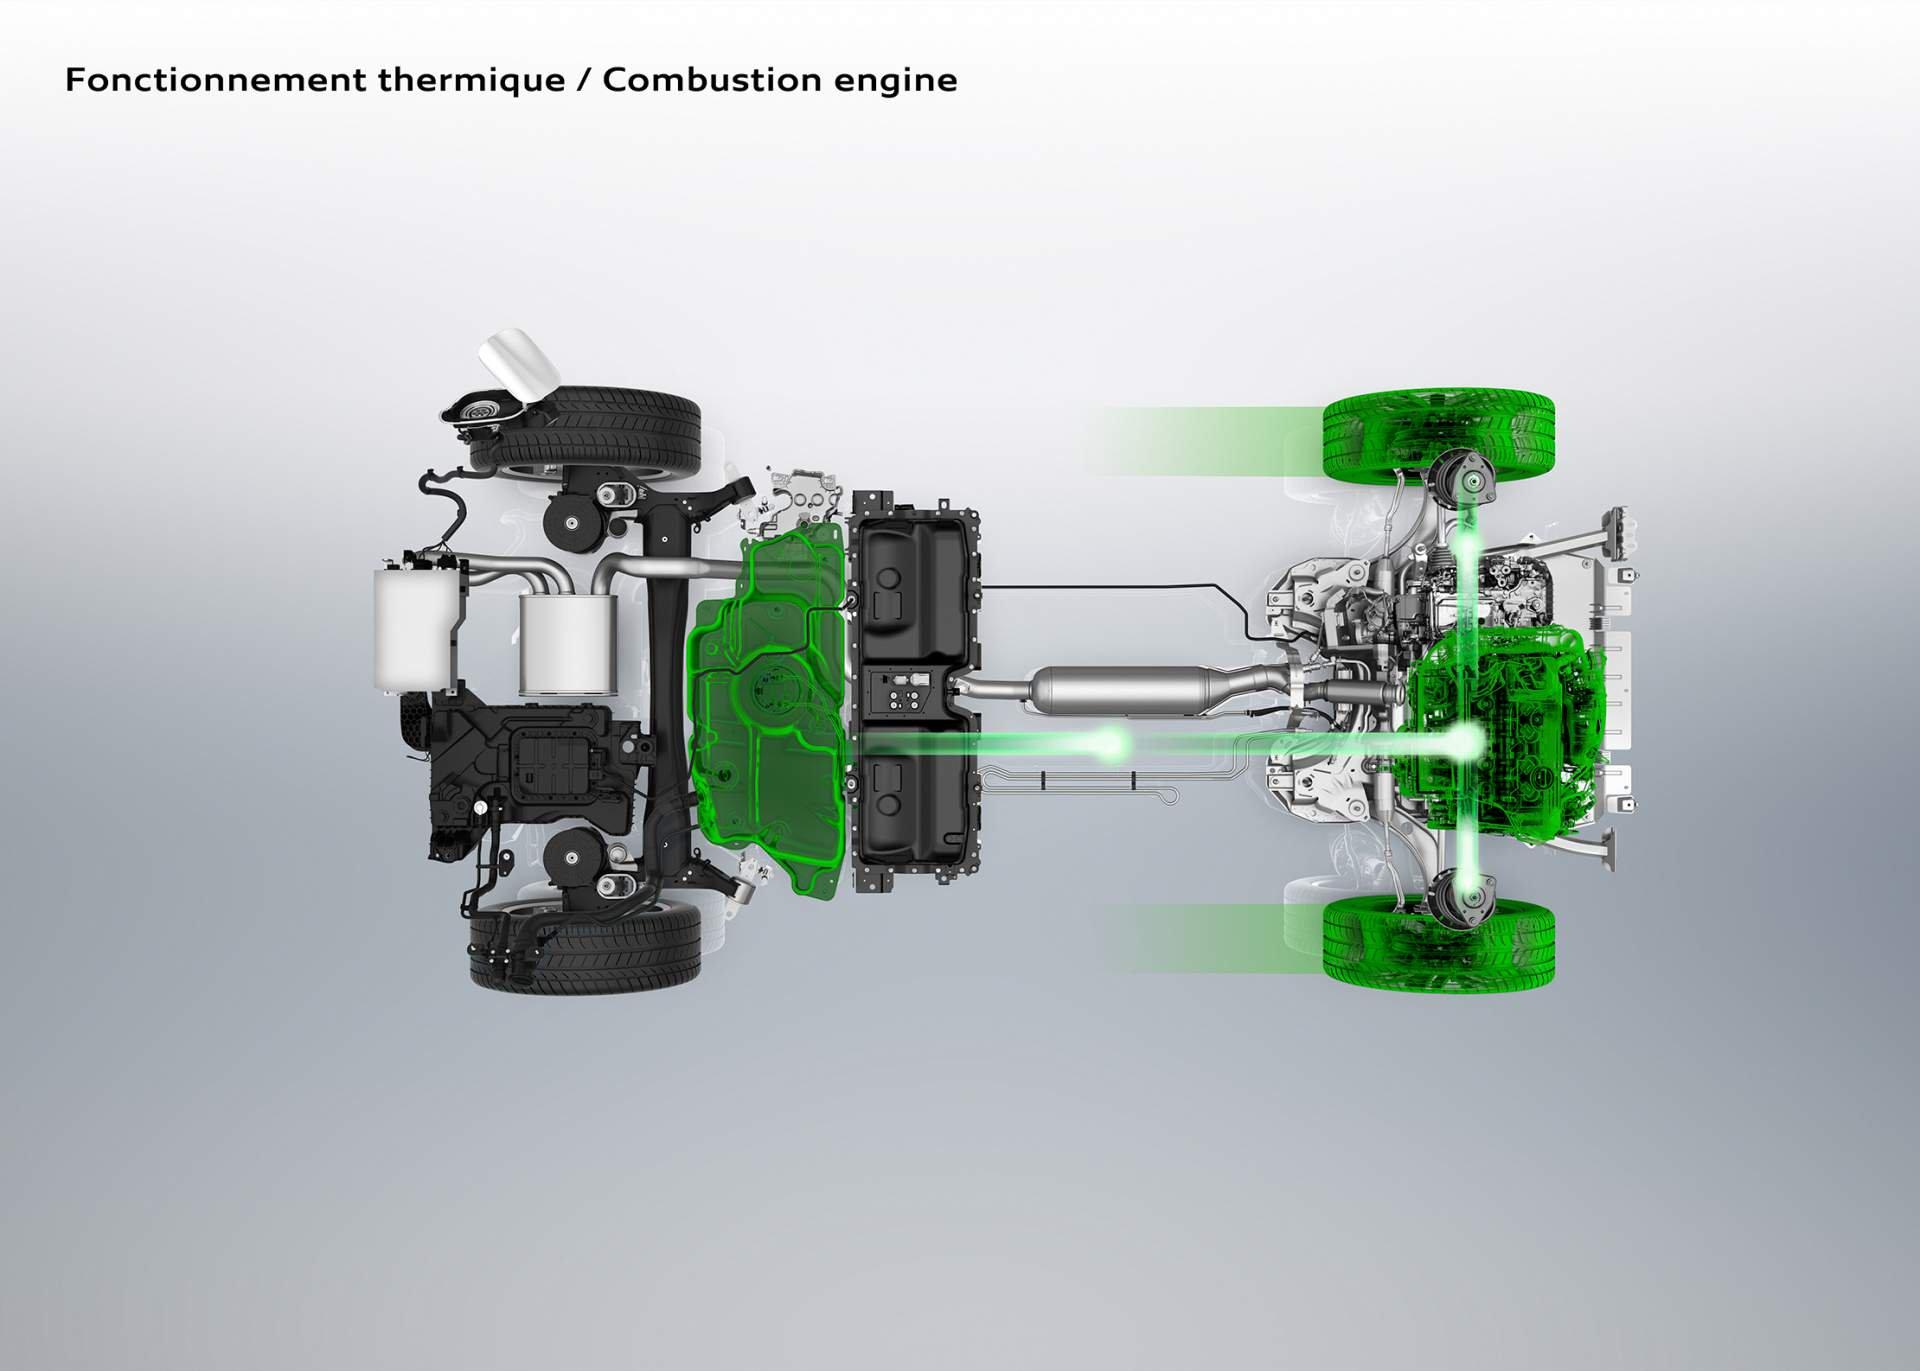 ee4cba4c-peugeot-3008-hybrid4-4.jpg